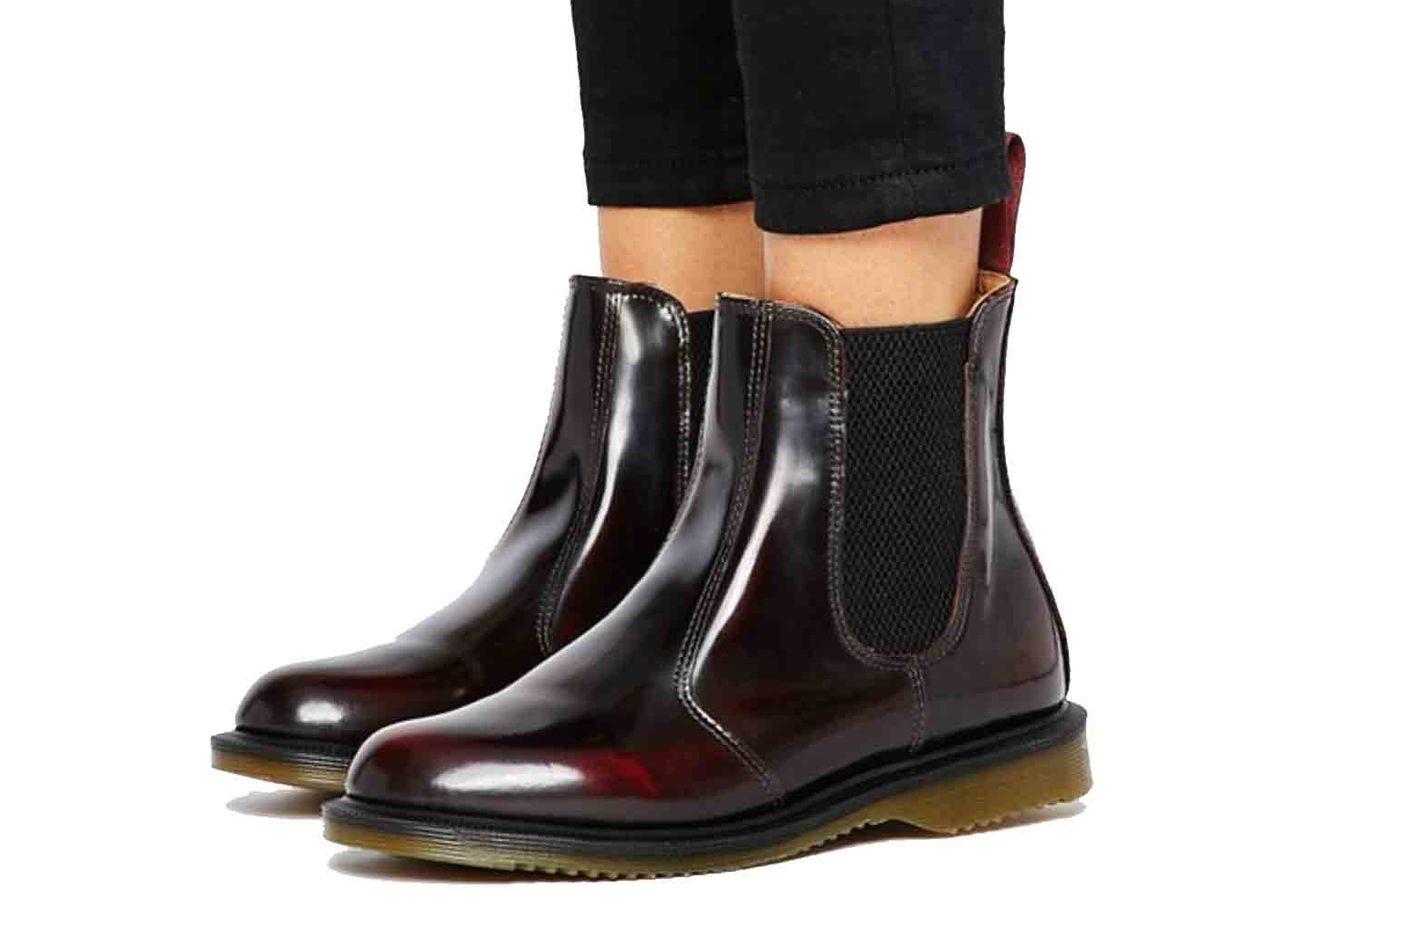 Dr Martens Kensington Flora Burgundy Chelsea Boots